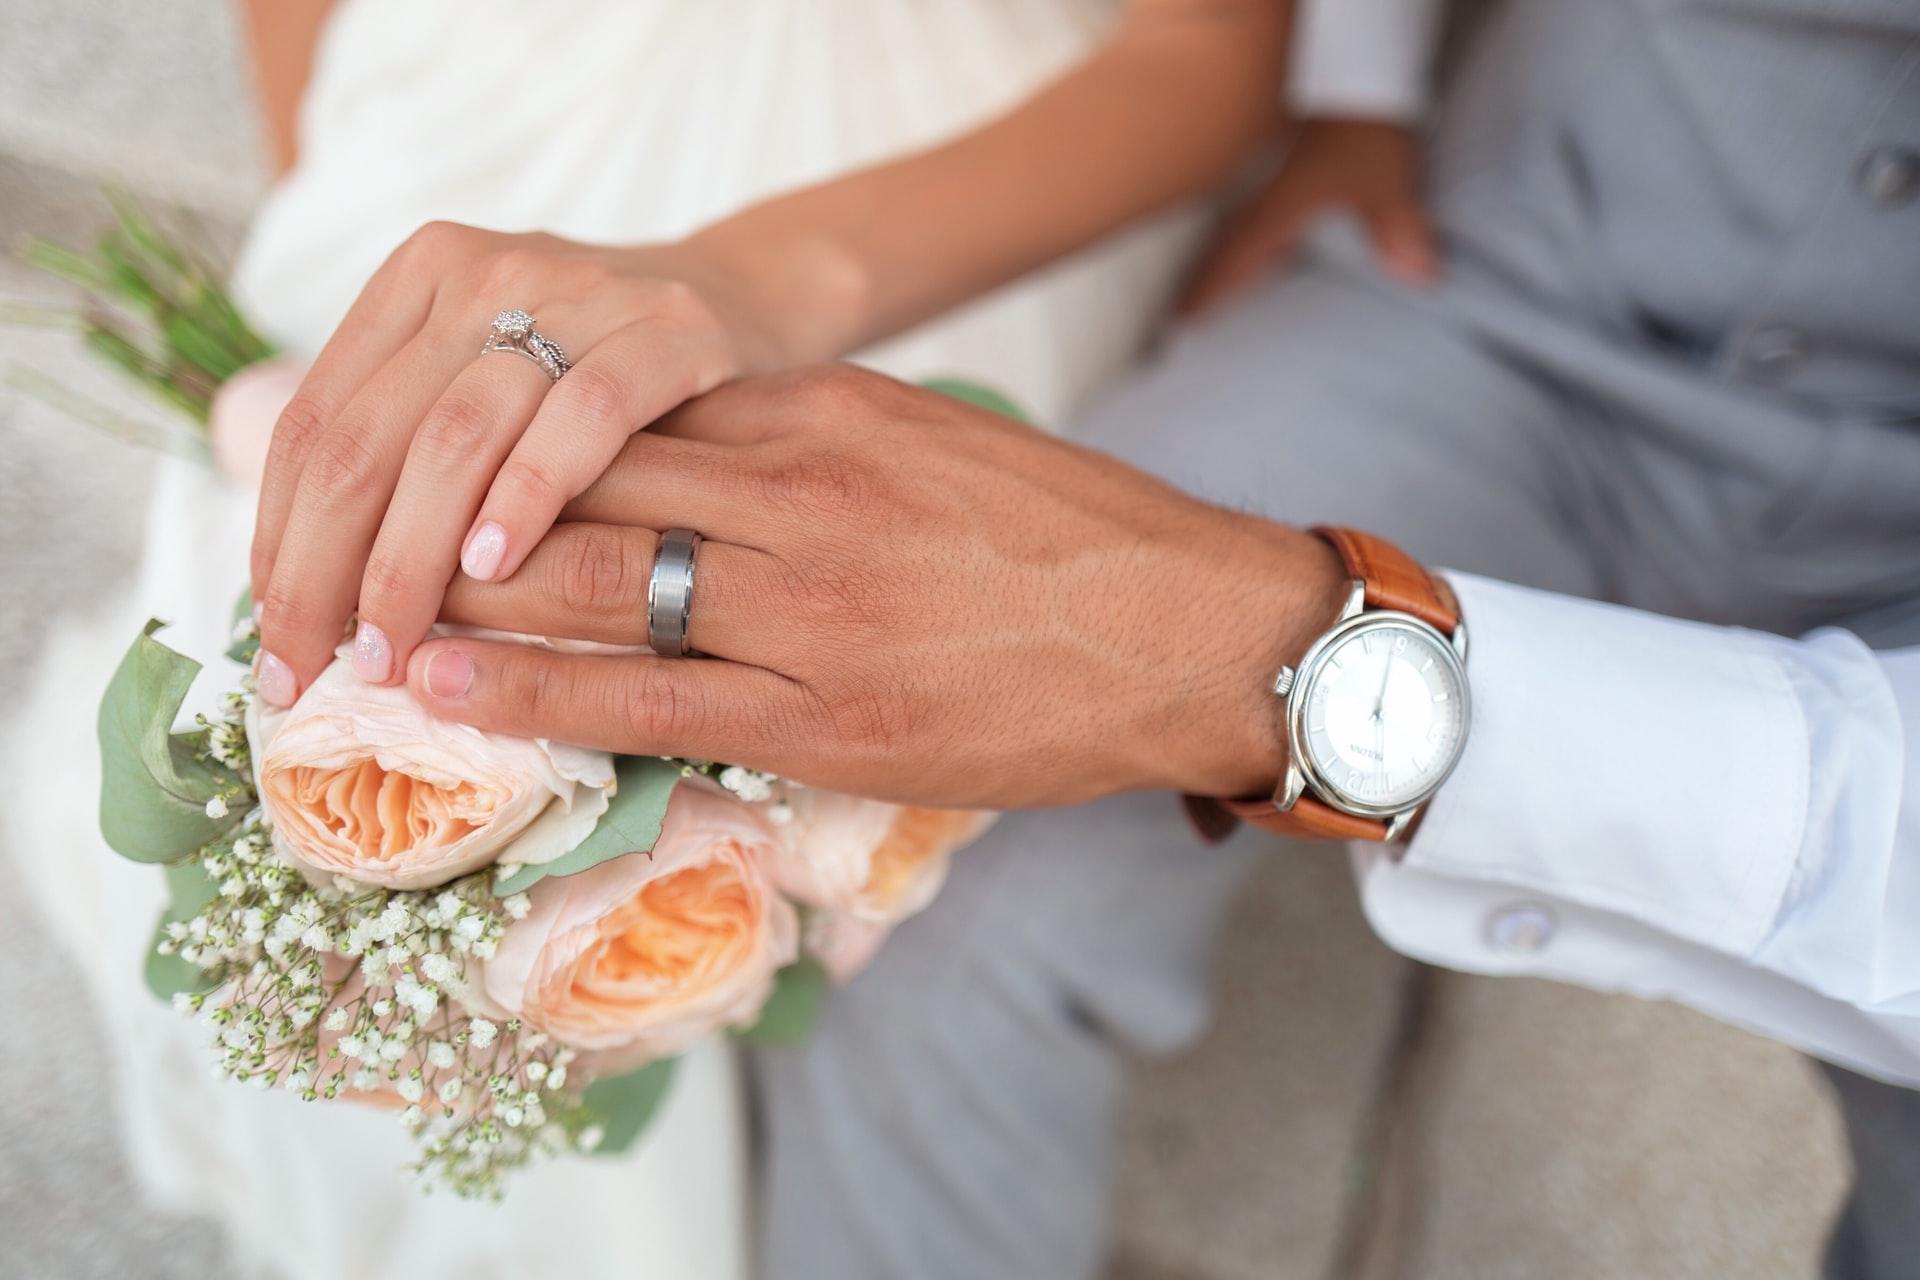 Düğünler kaç saat olacak, kaç saat sürecek 2021 son dakika? 1 Temmuz'dan sonra düğünler nasıl olacak?